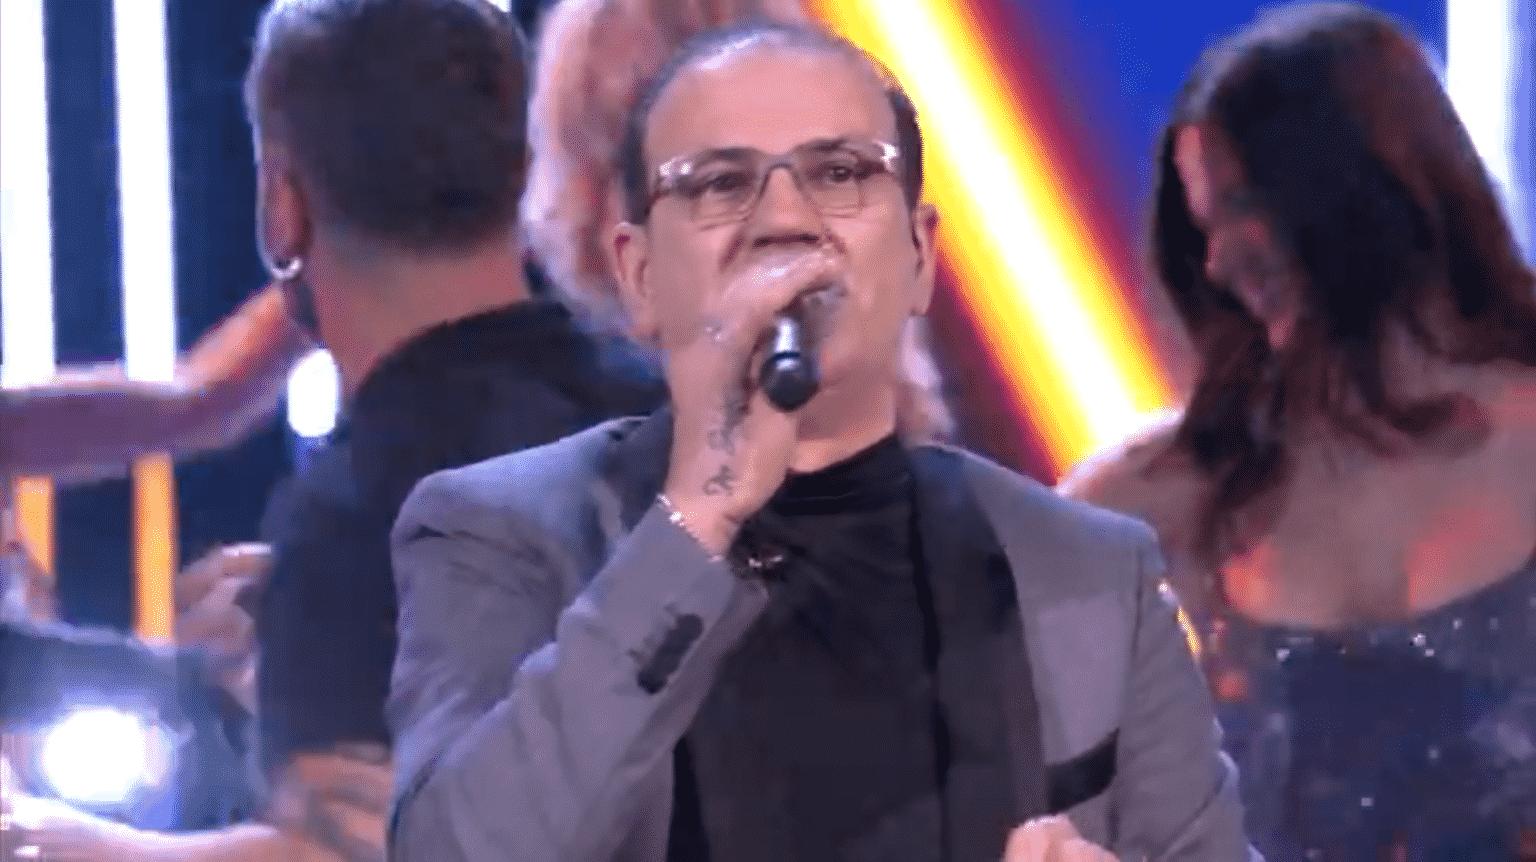 Felicissima sera, da Catania allo show di Pio e Amedeo: Gianni Celeste protagonista indiscusso